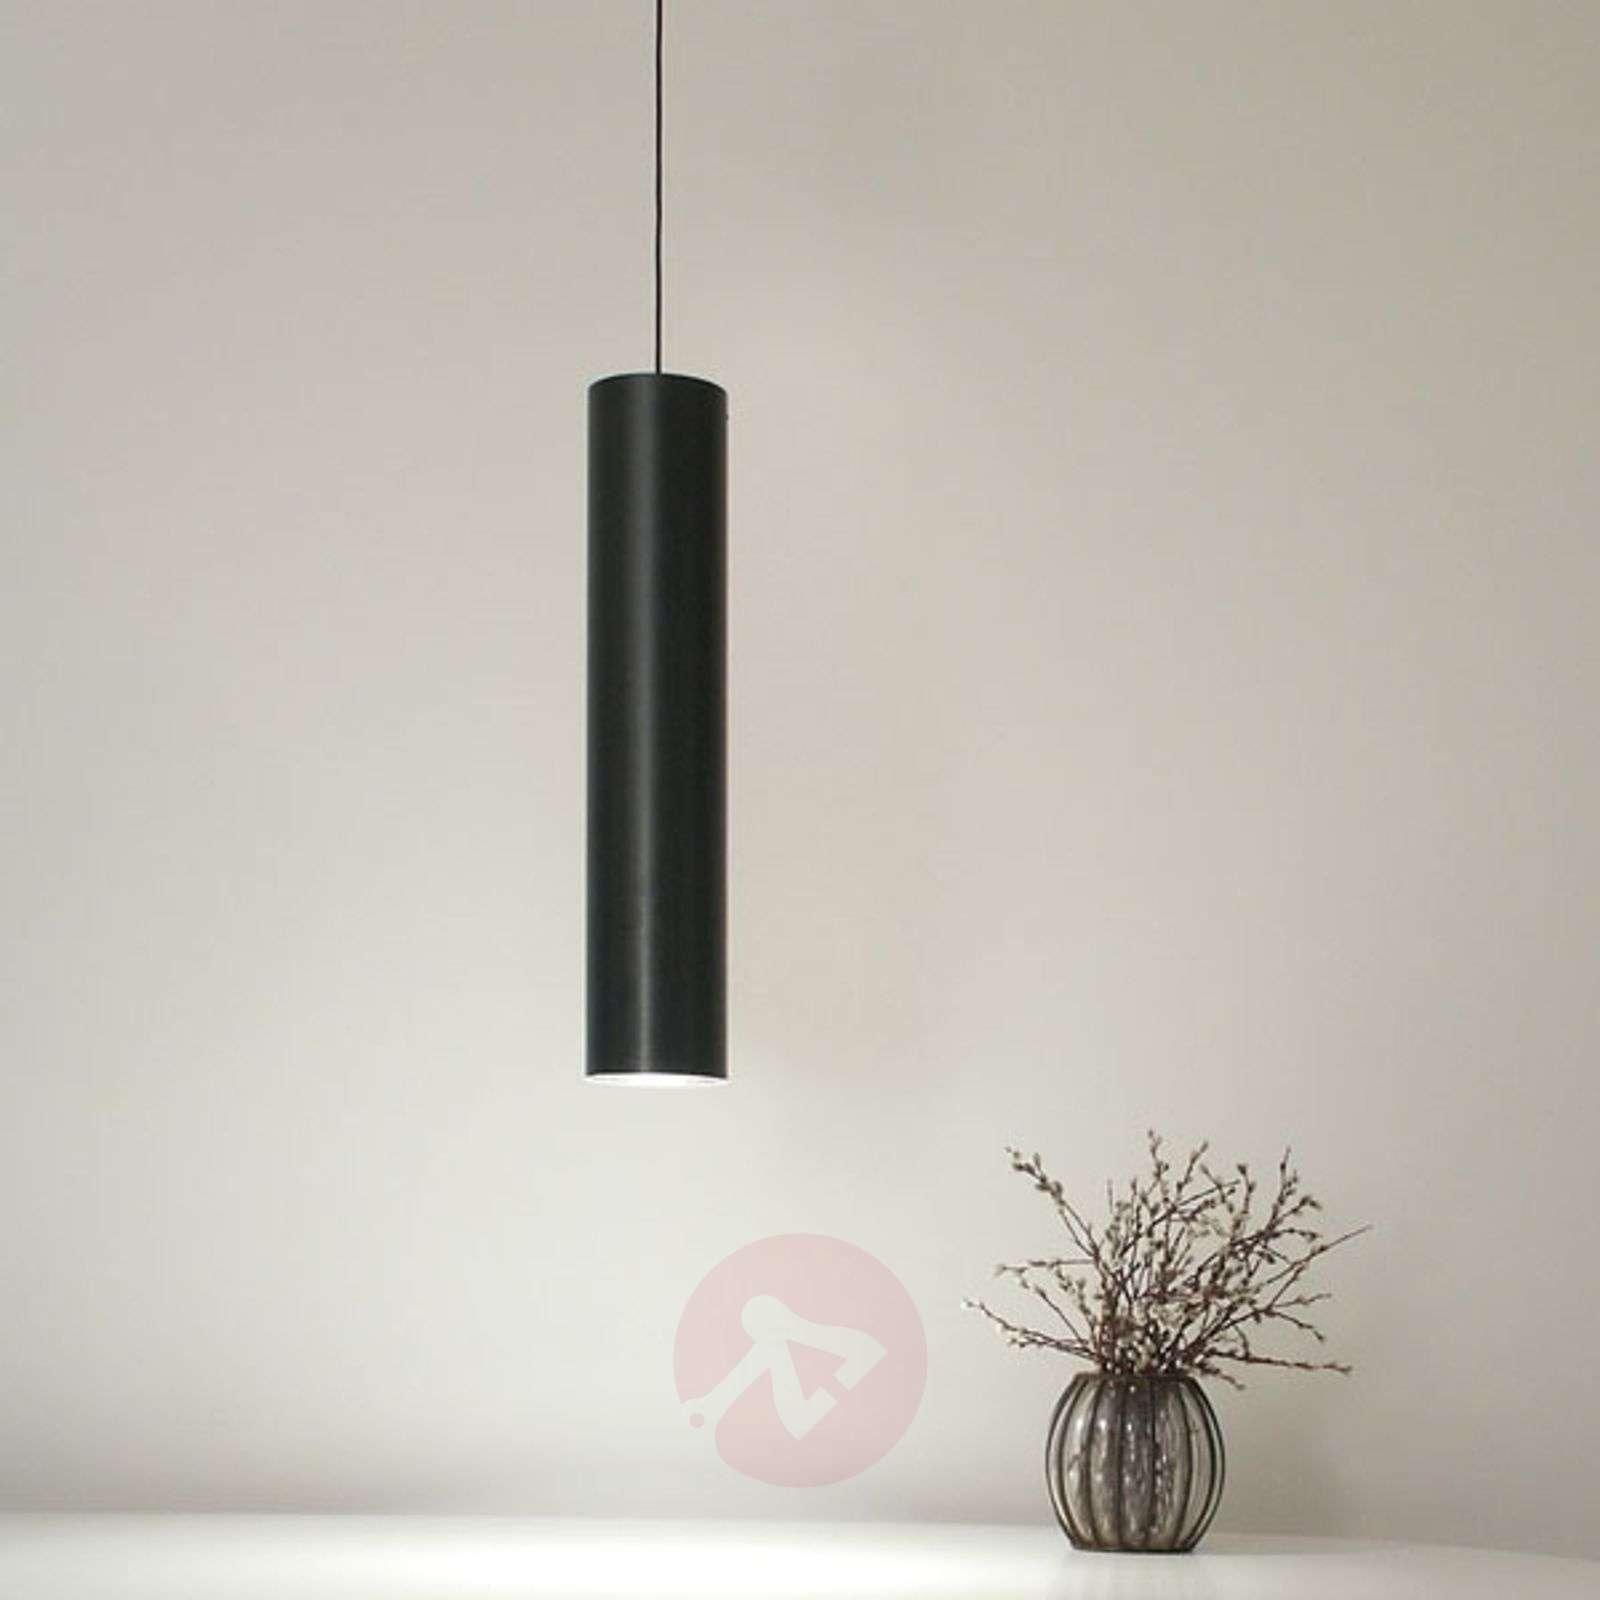 Designer pendant light Tube-5501024X-01